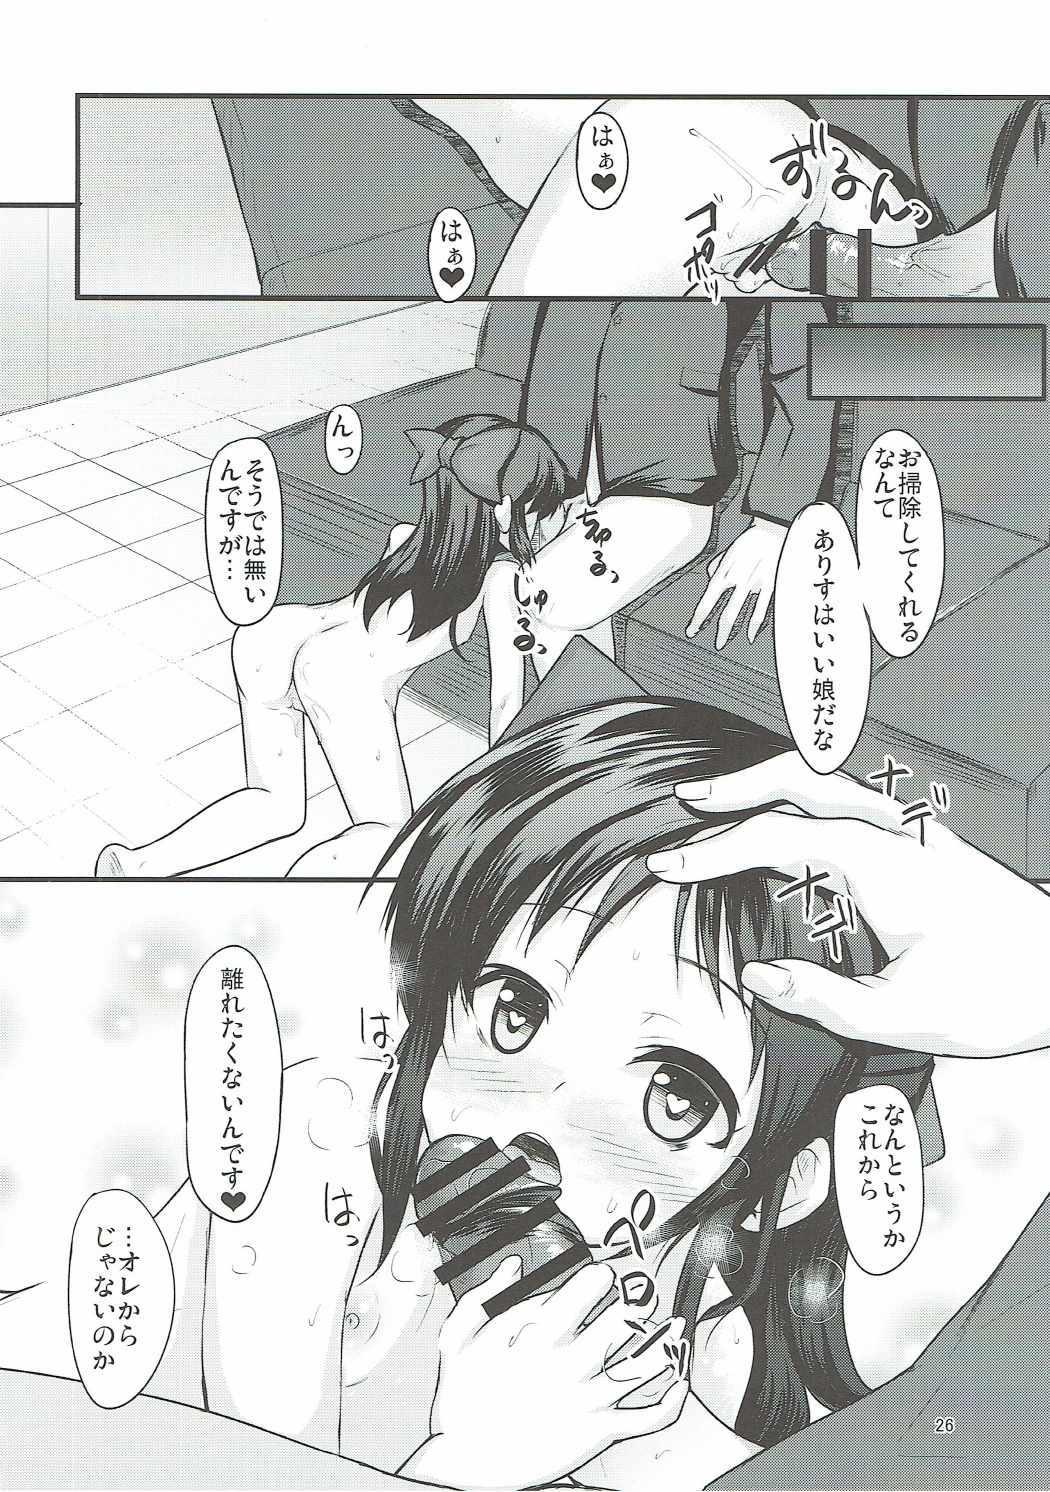 Arisu wa Motto Shiritain desu 24